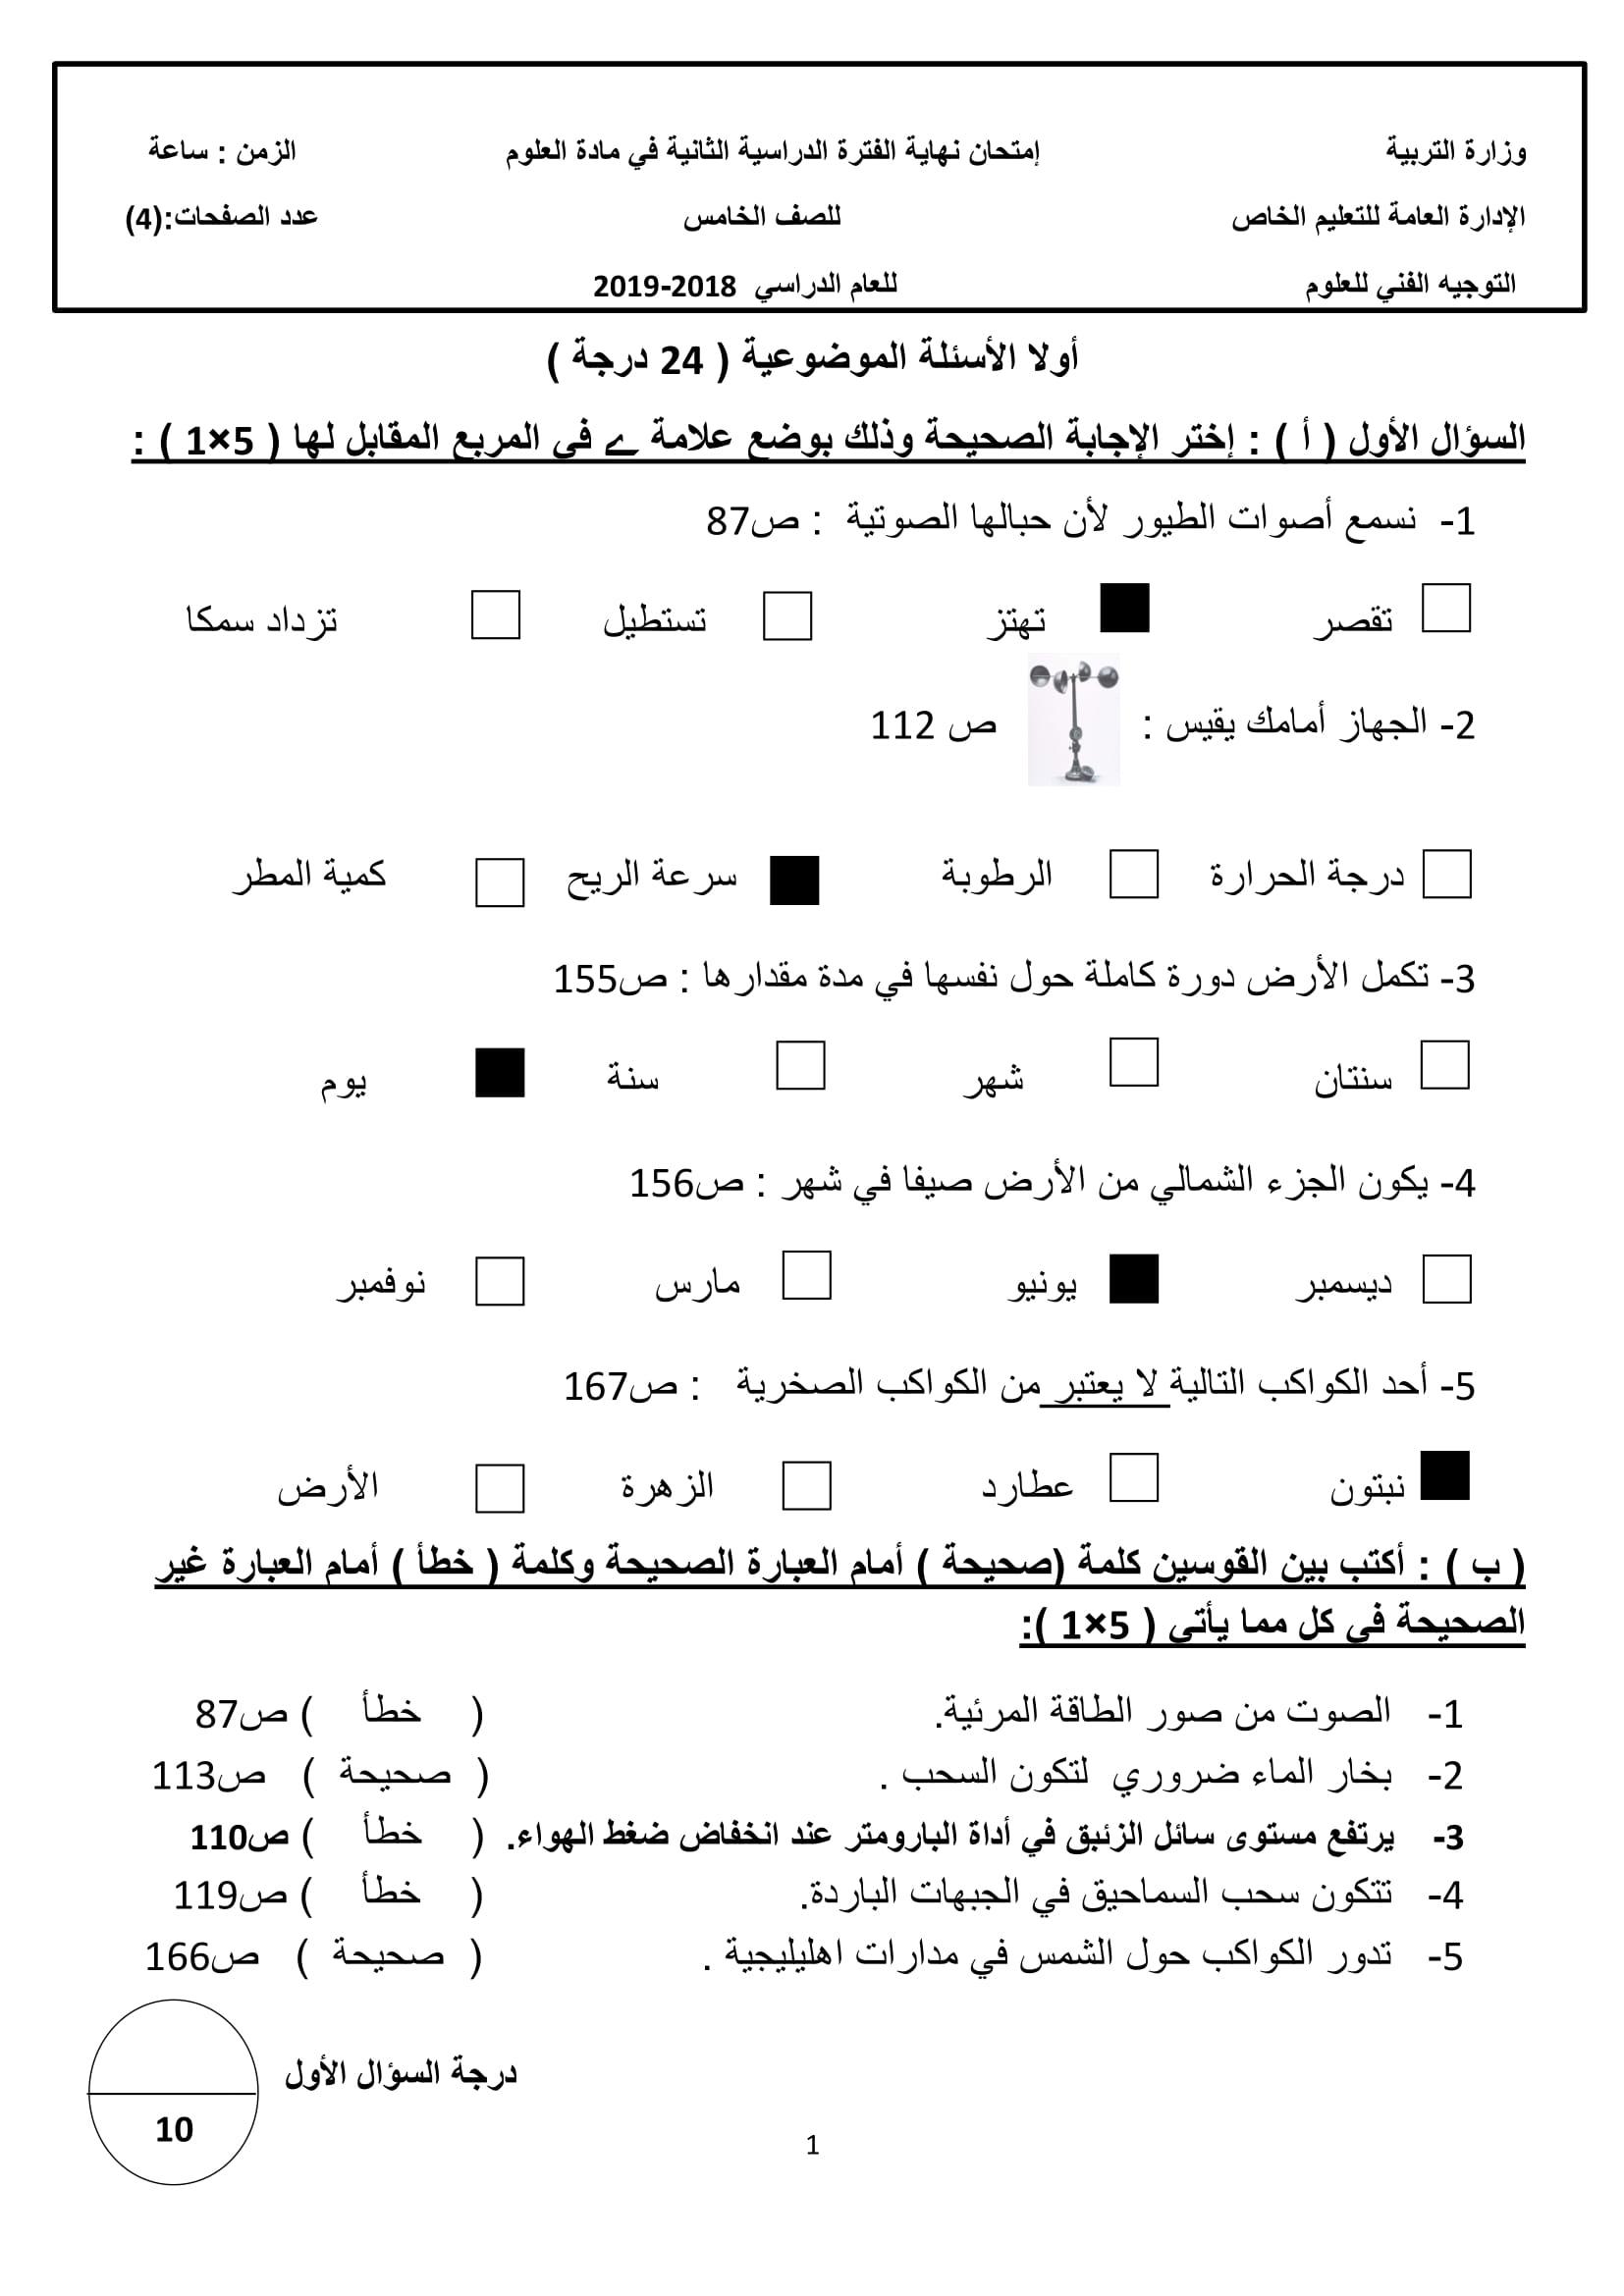 نموذج اجابة اختبار مادة العلوم الخامس الفصل الثاني